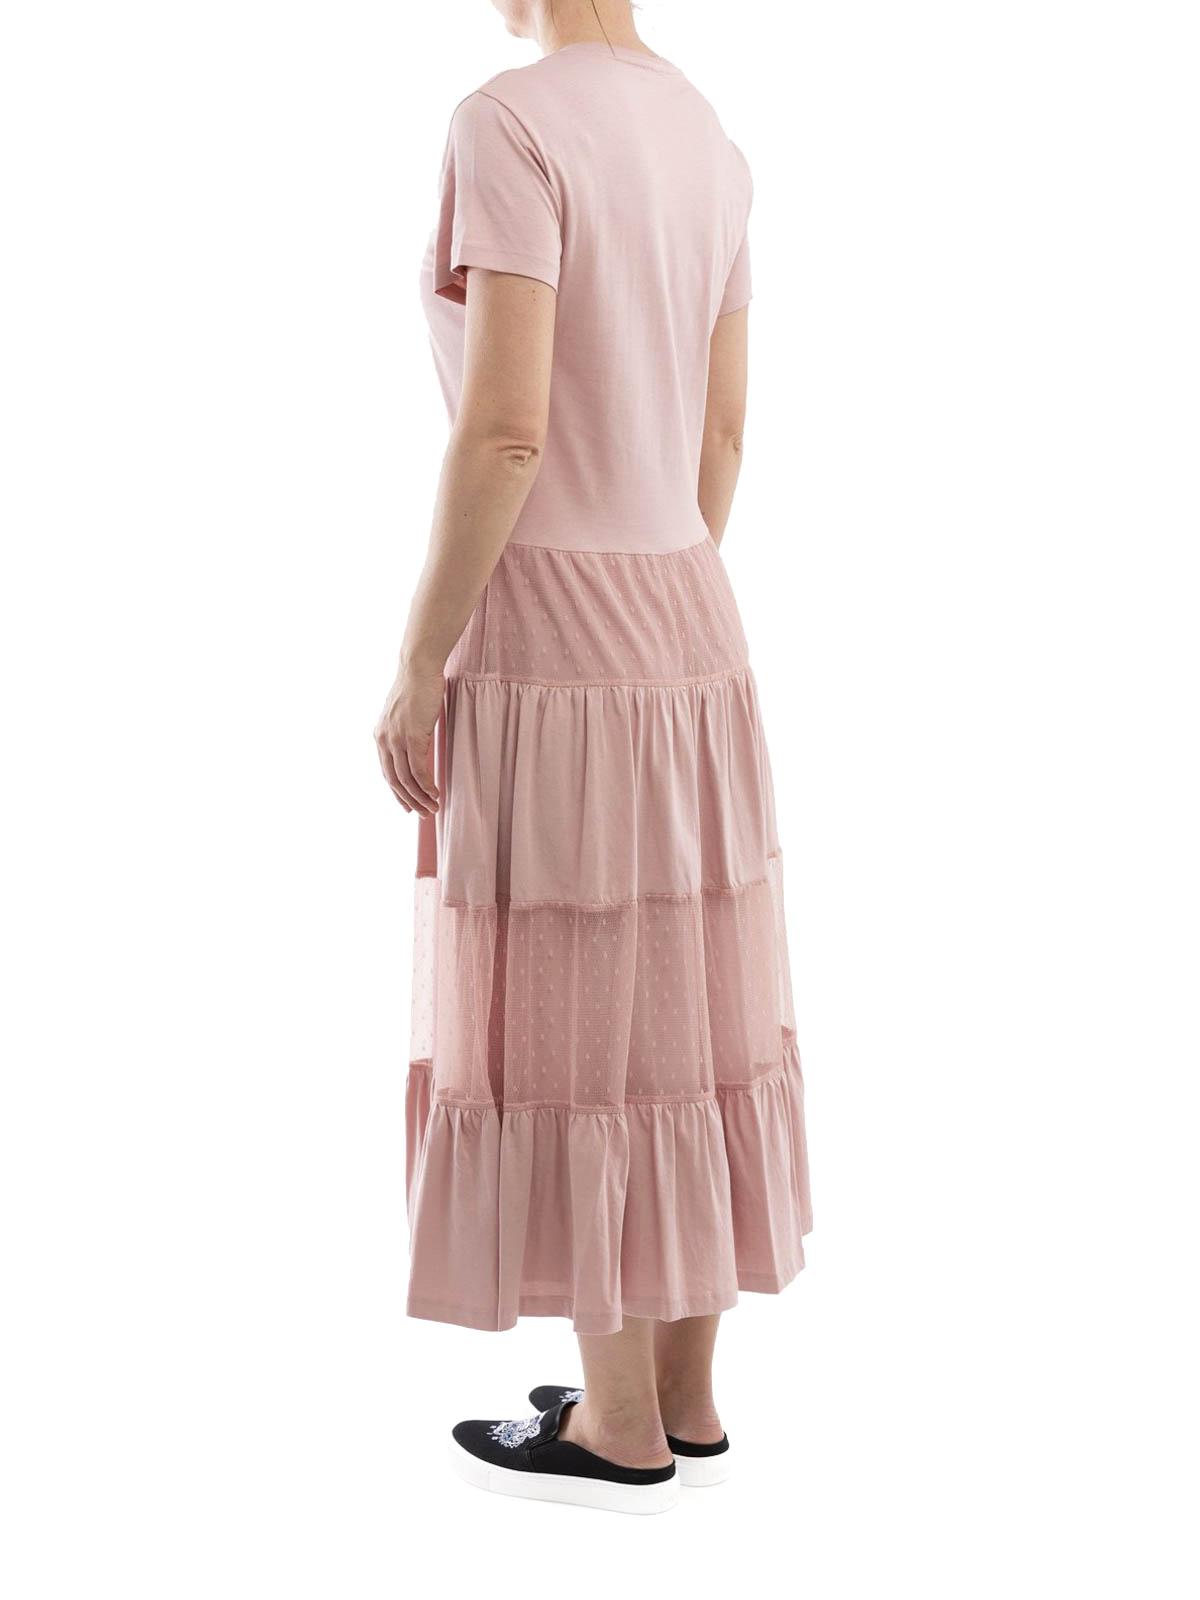 cheaper 75b8c 24340 Red Lunghi Jersey Lungo Abiti Valentino Abito Cotone In Rosa ...